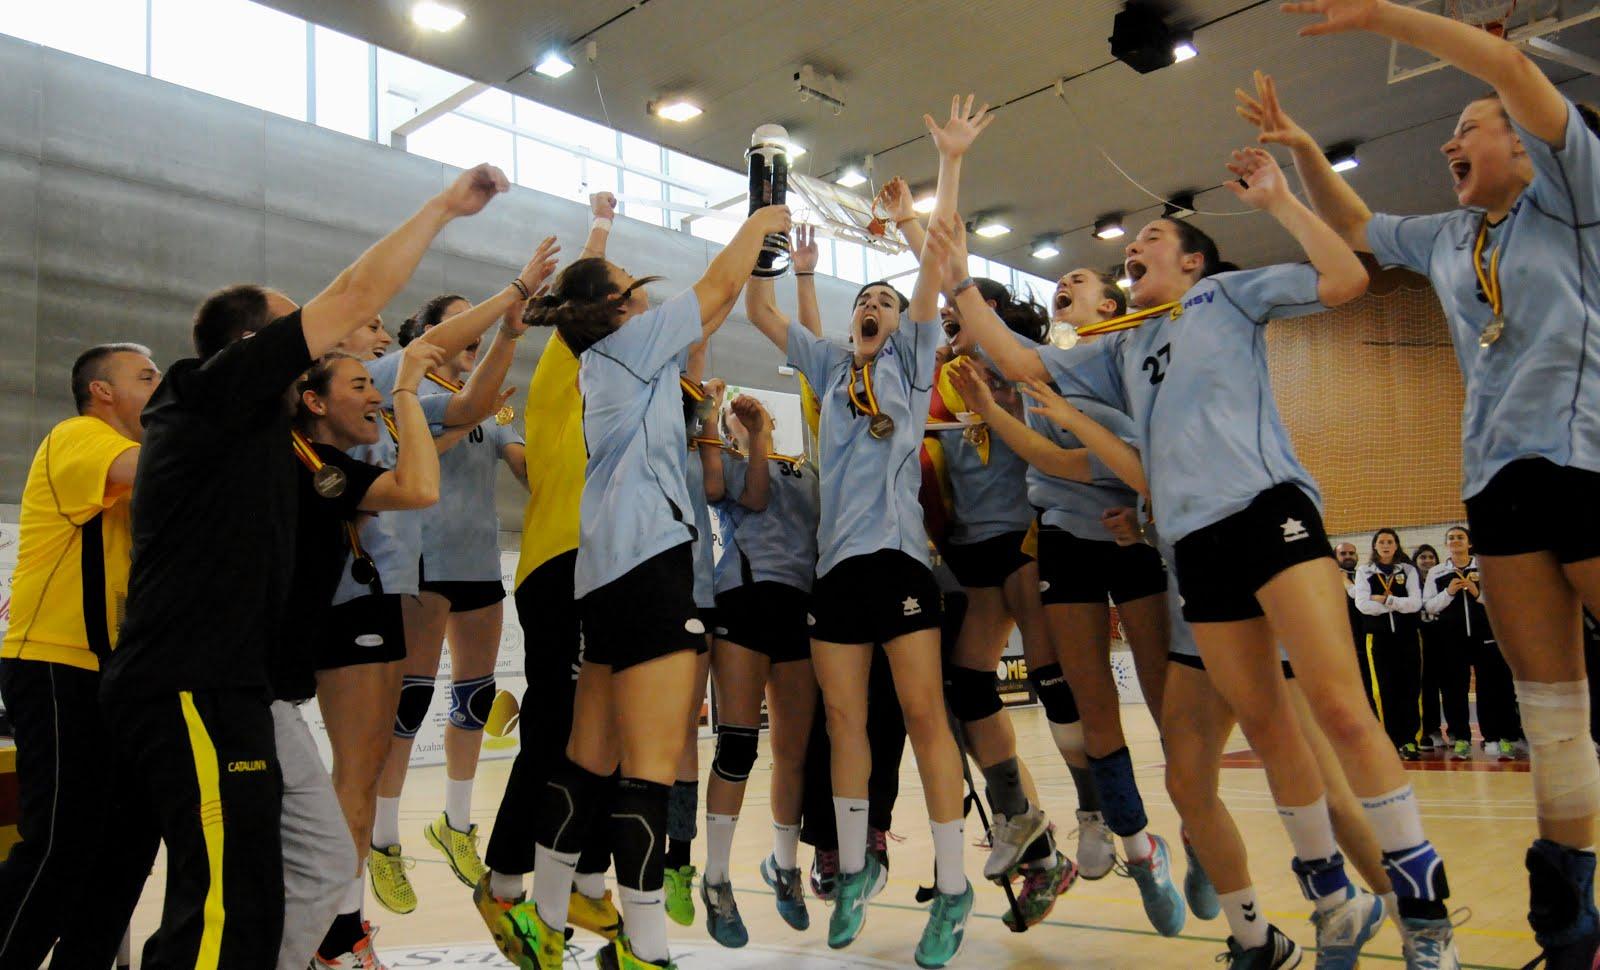 Juvenil femení, Campió d'Espanya